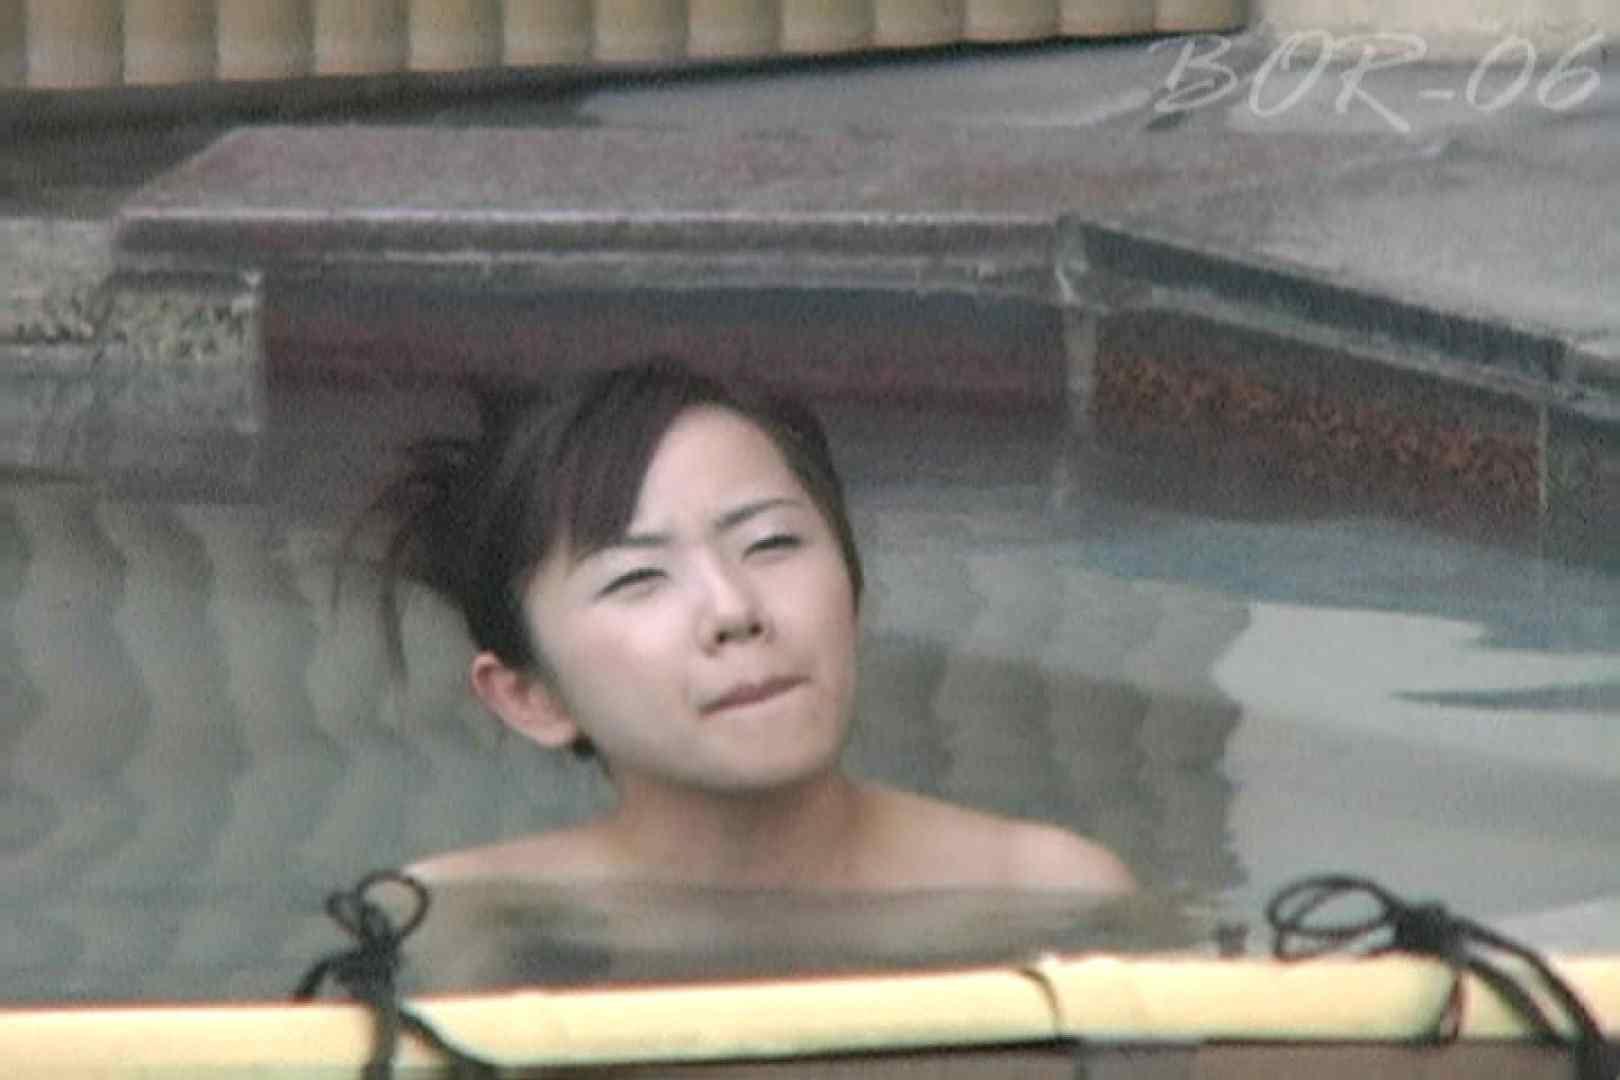 Aquaな露天風呂Vol.521 露天 | 盗撮  96pic 55